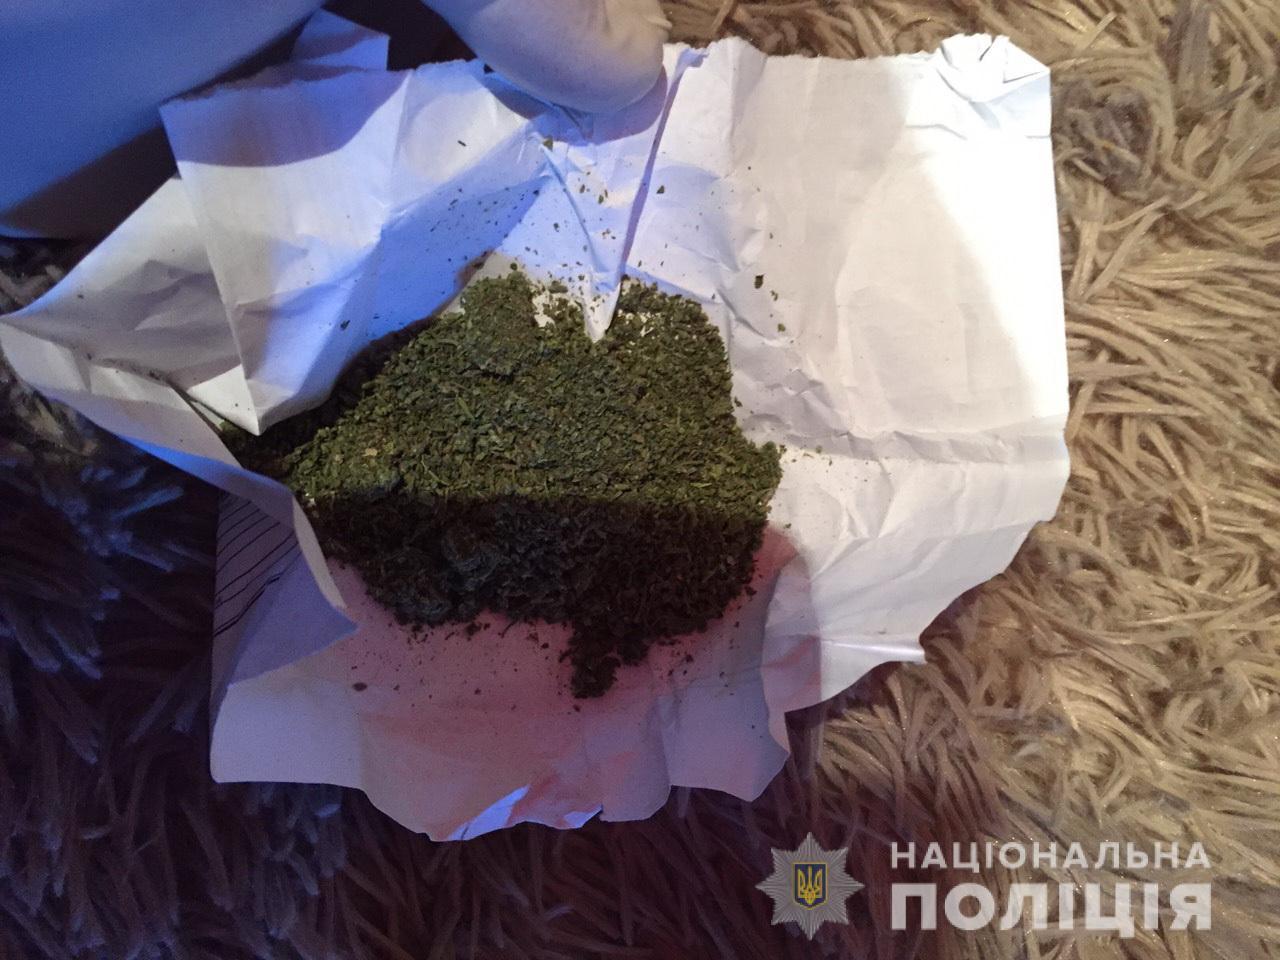 У 56-річного чоловіка із Великих Берегів знайшли марихуану